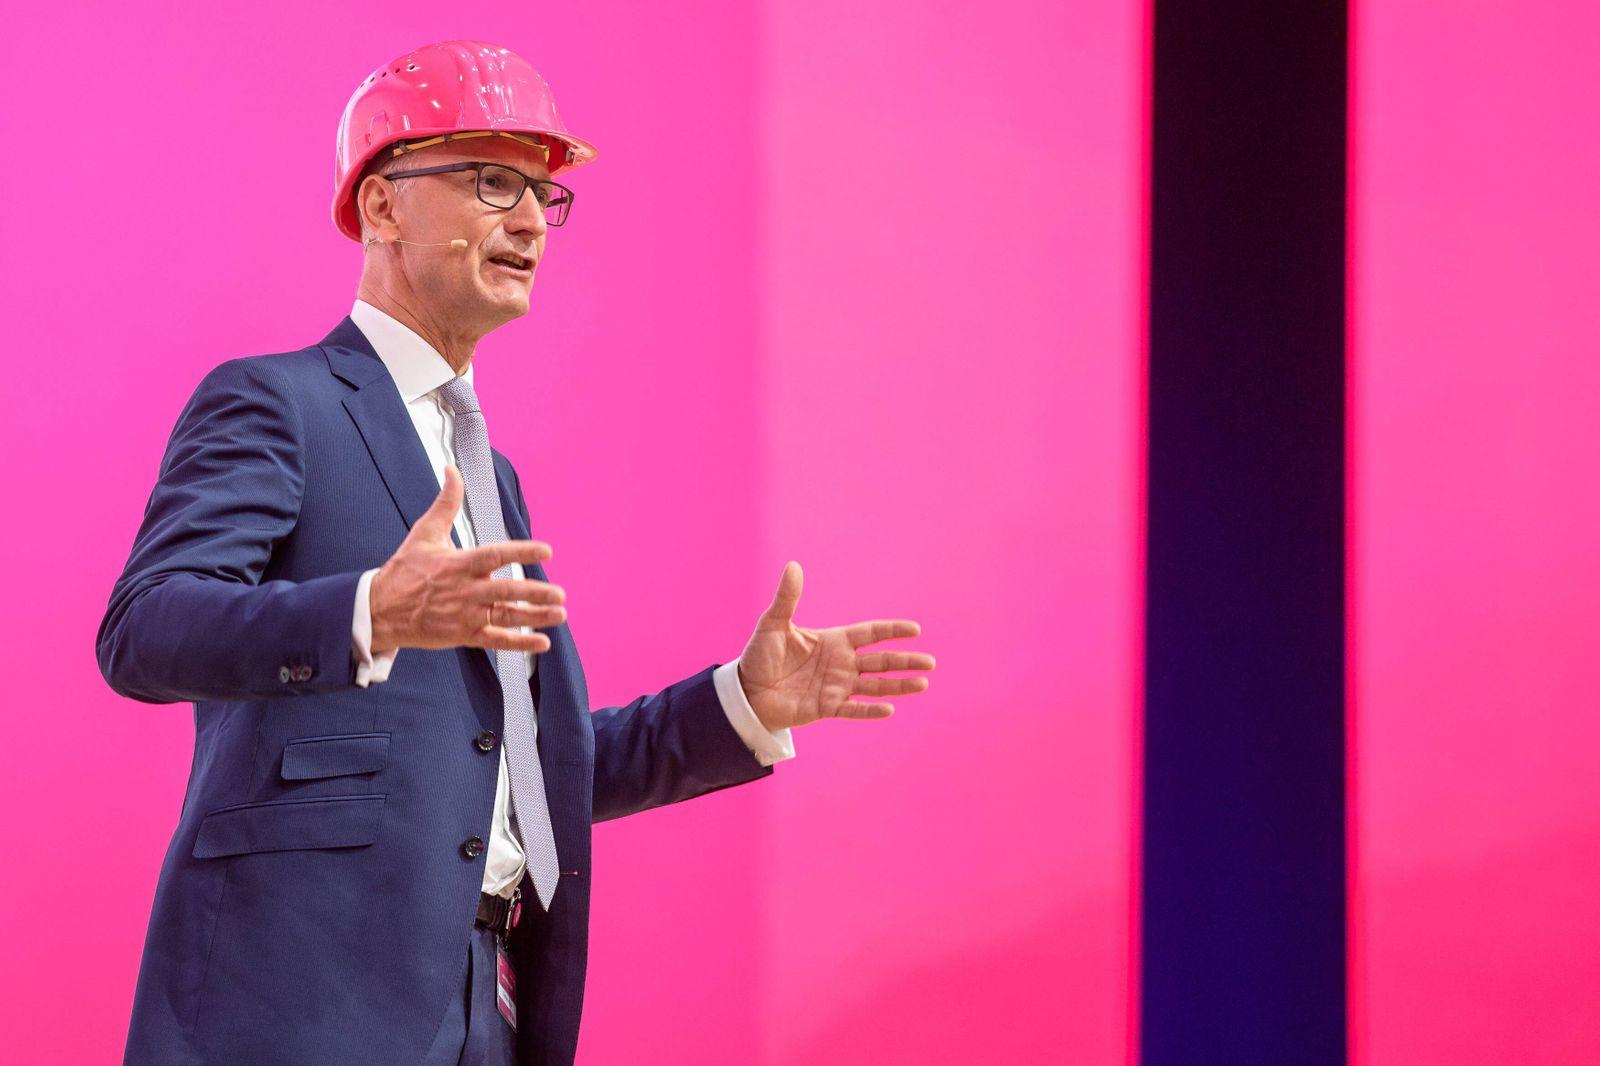 Jahres Hauptversammlung Deutsche Telekom AG 17 05 2018 CEO Vorstandsvorsitzendem Timotheus Höttge